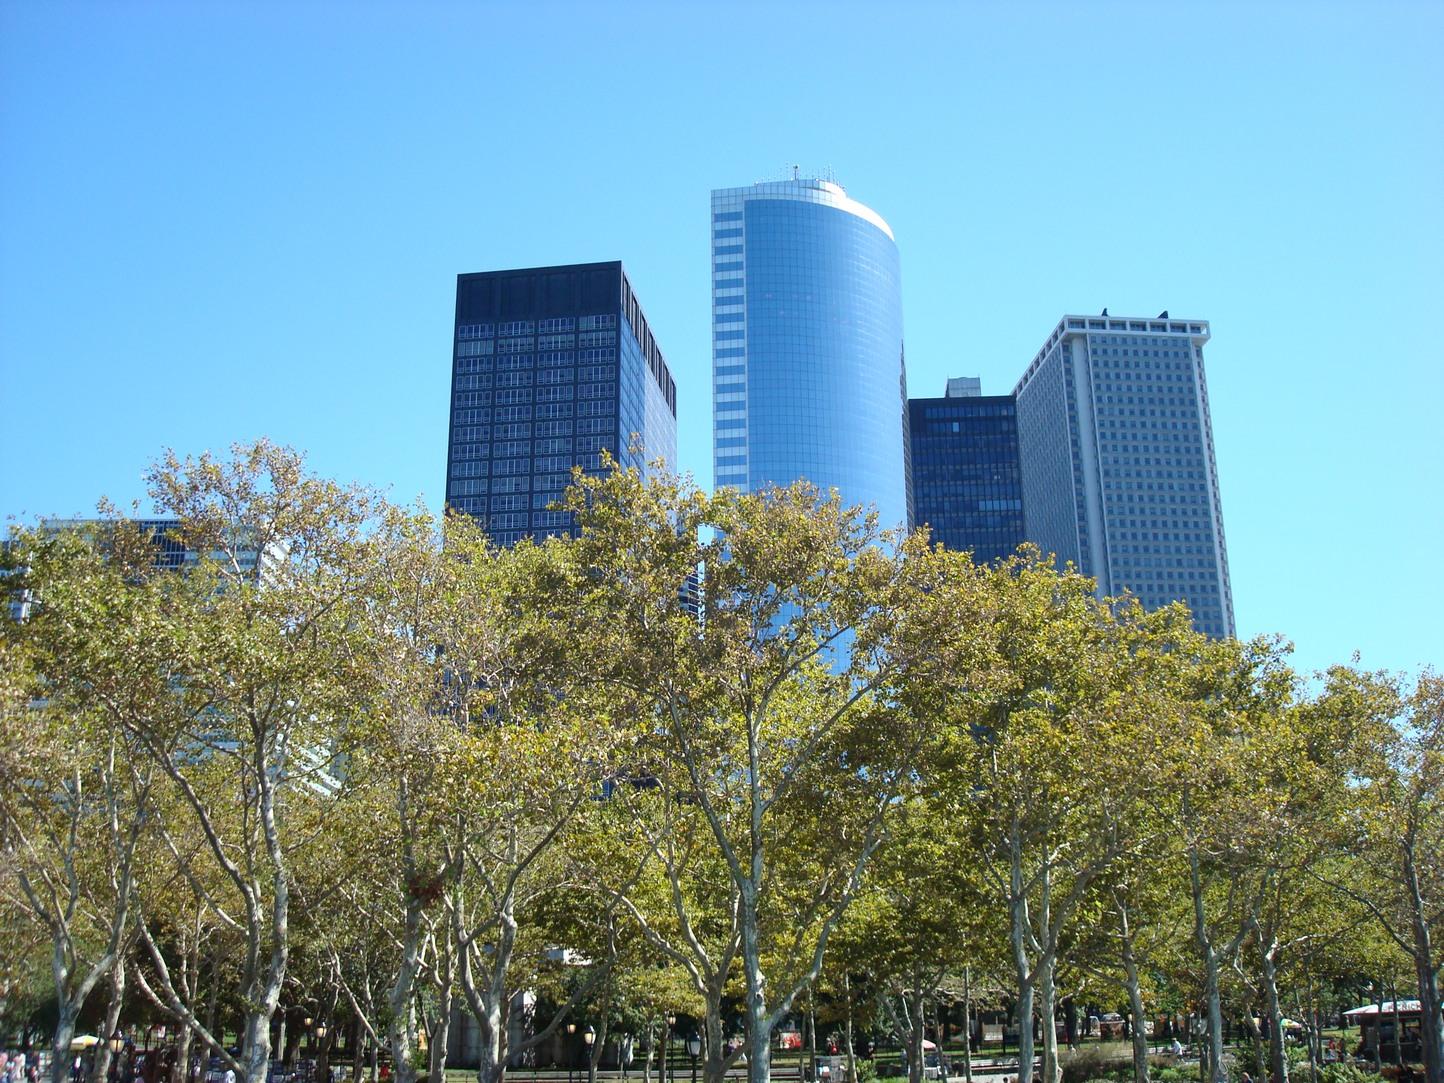 New York City_LowerManhattan_Skyline_BatteryPark